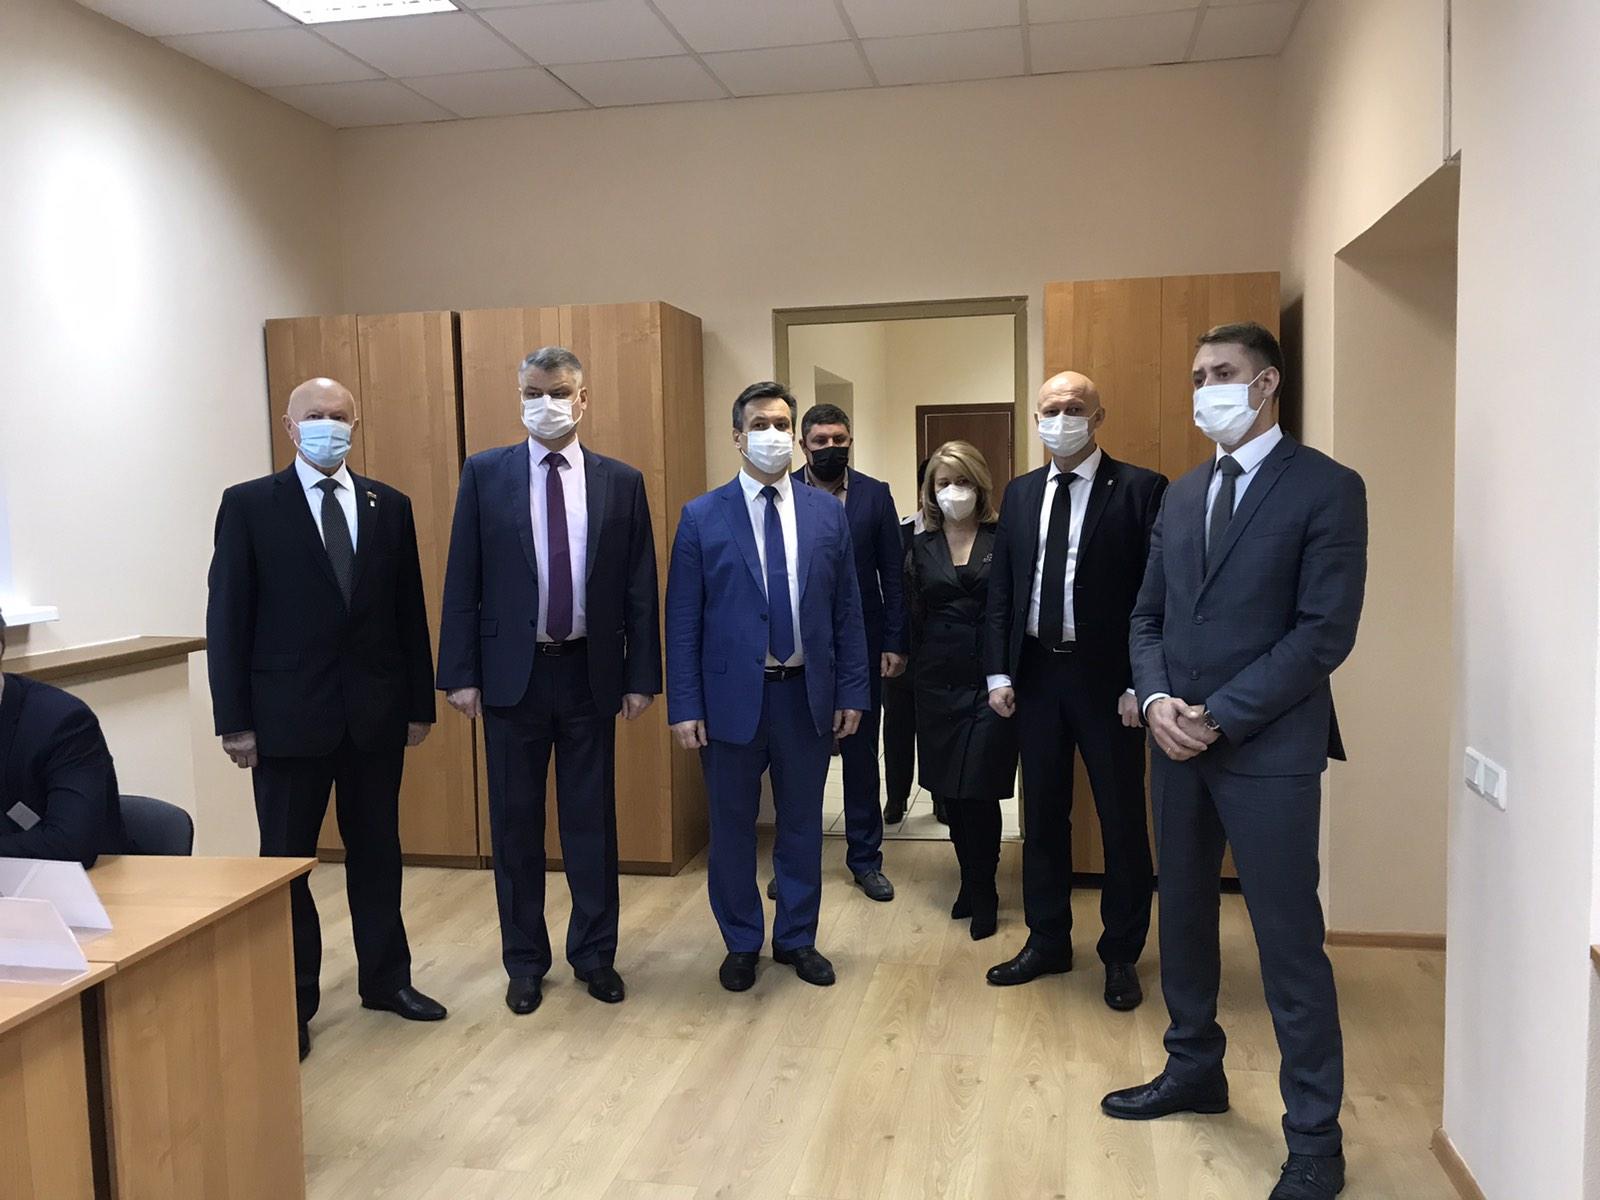 В Брянской области приступил к работе Центр управления регионом